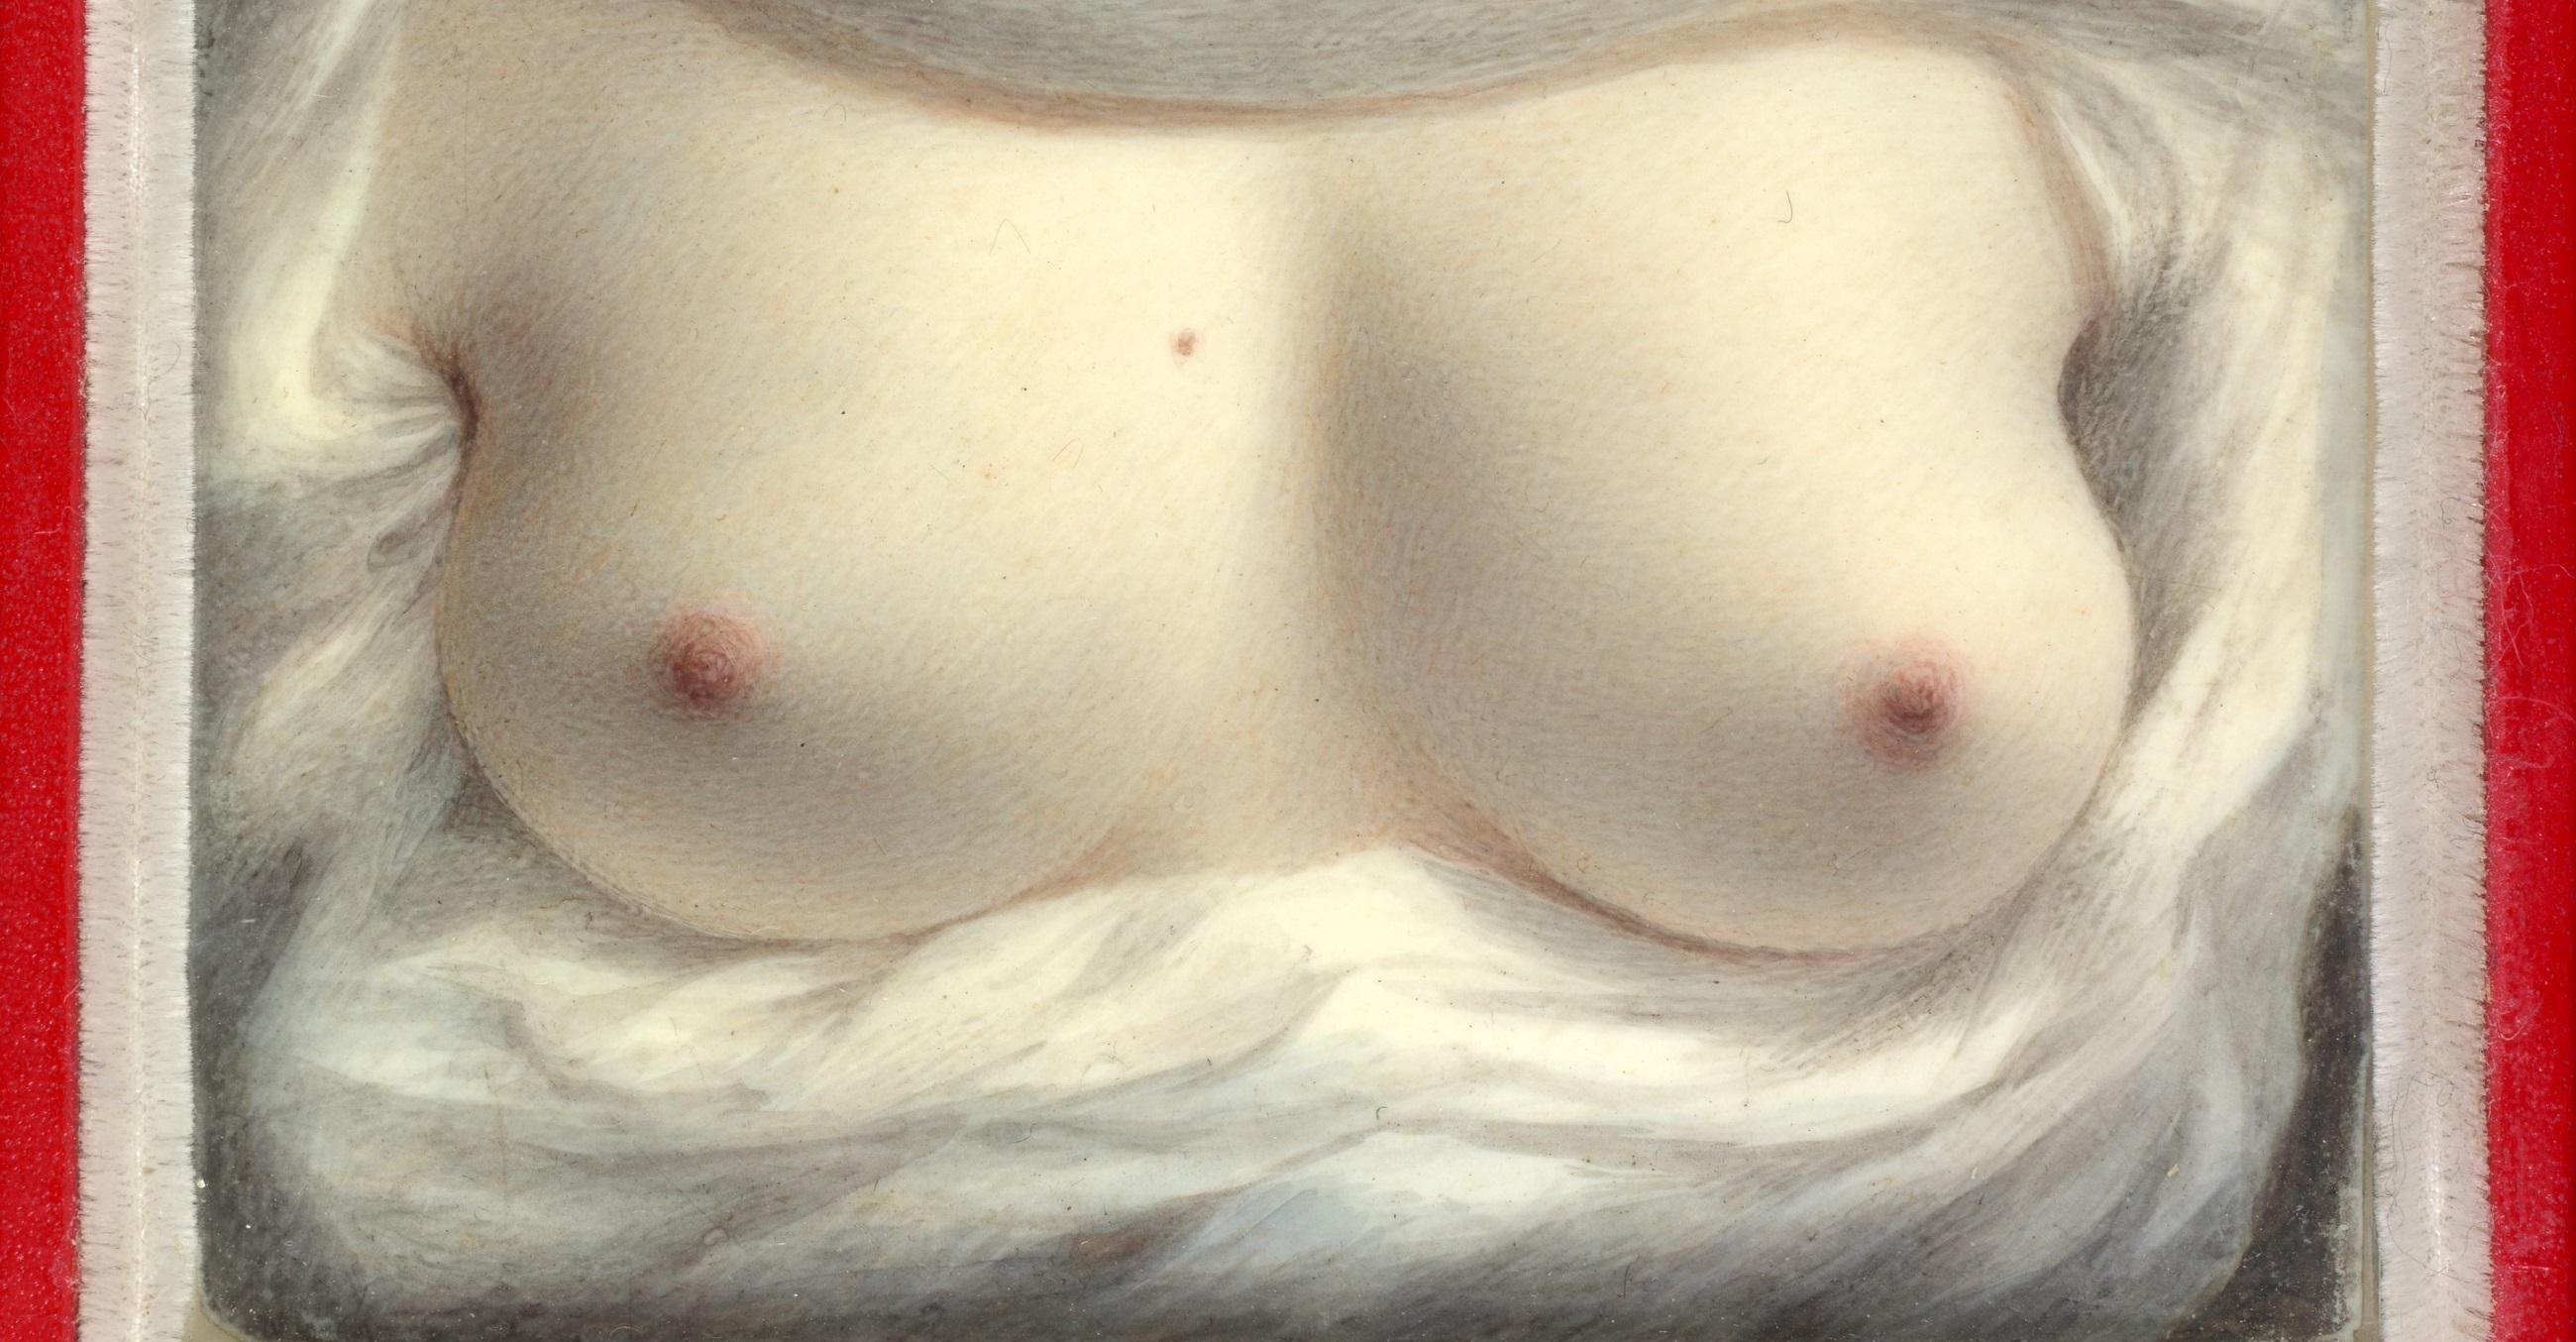 первый нюдес в истории нюдс отвратительные мужики раскрытая красота сара гудридж